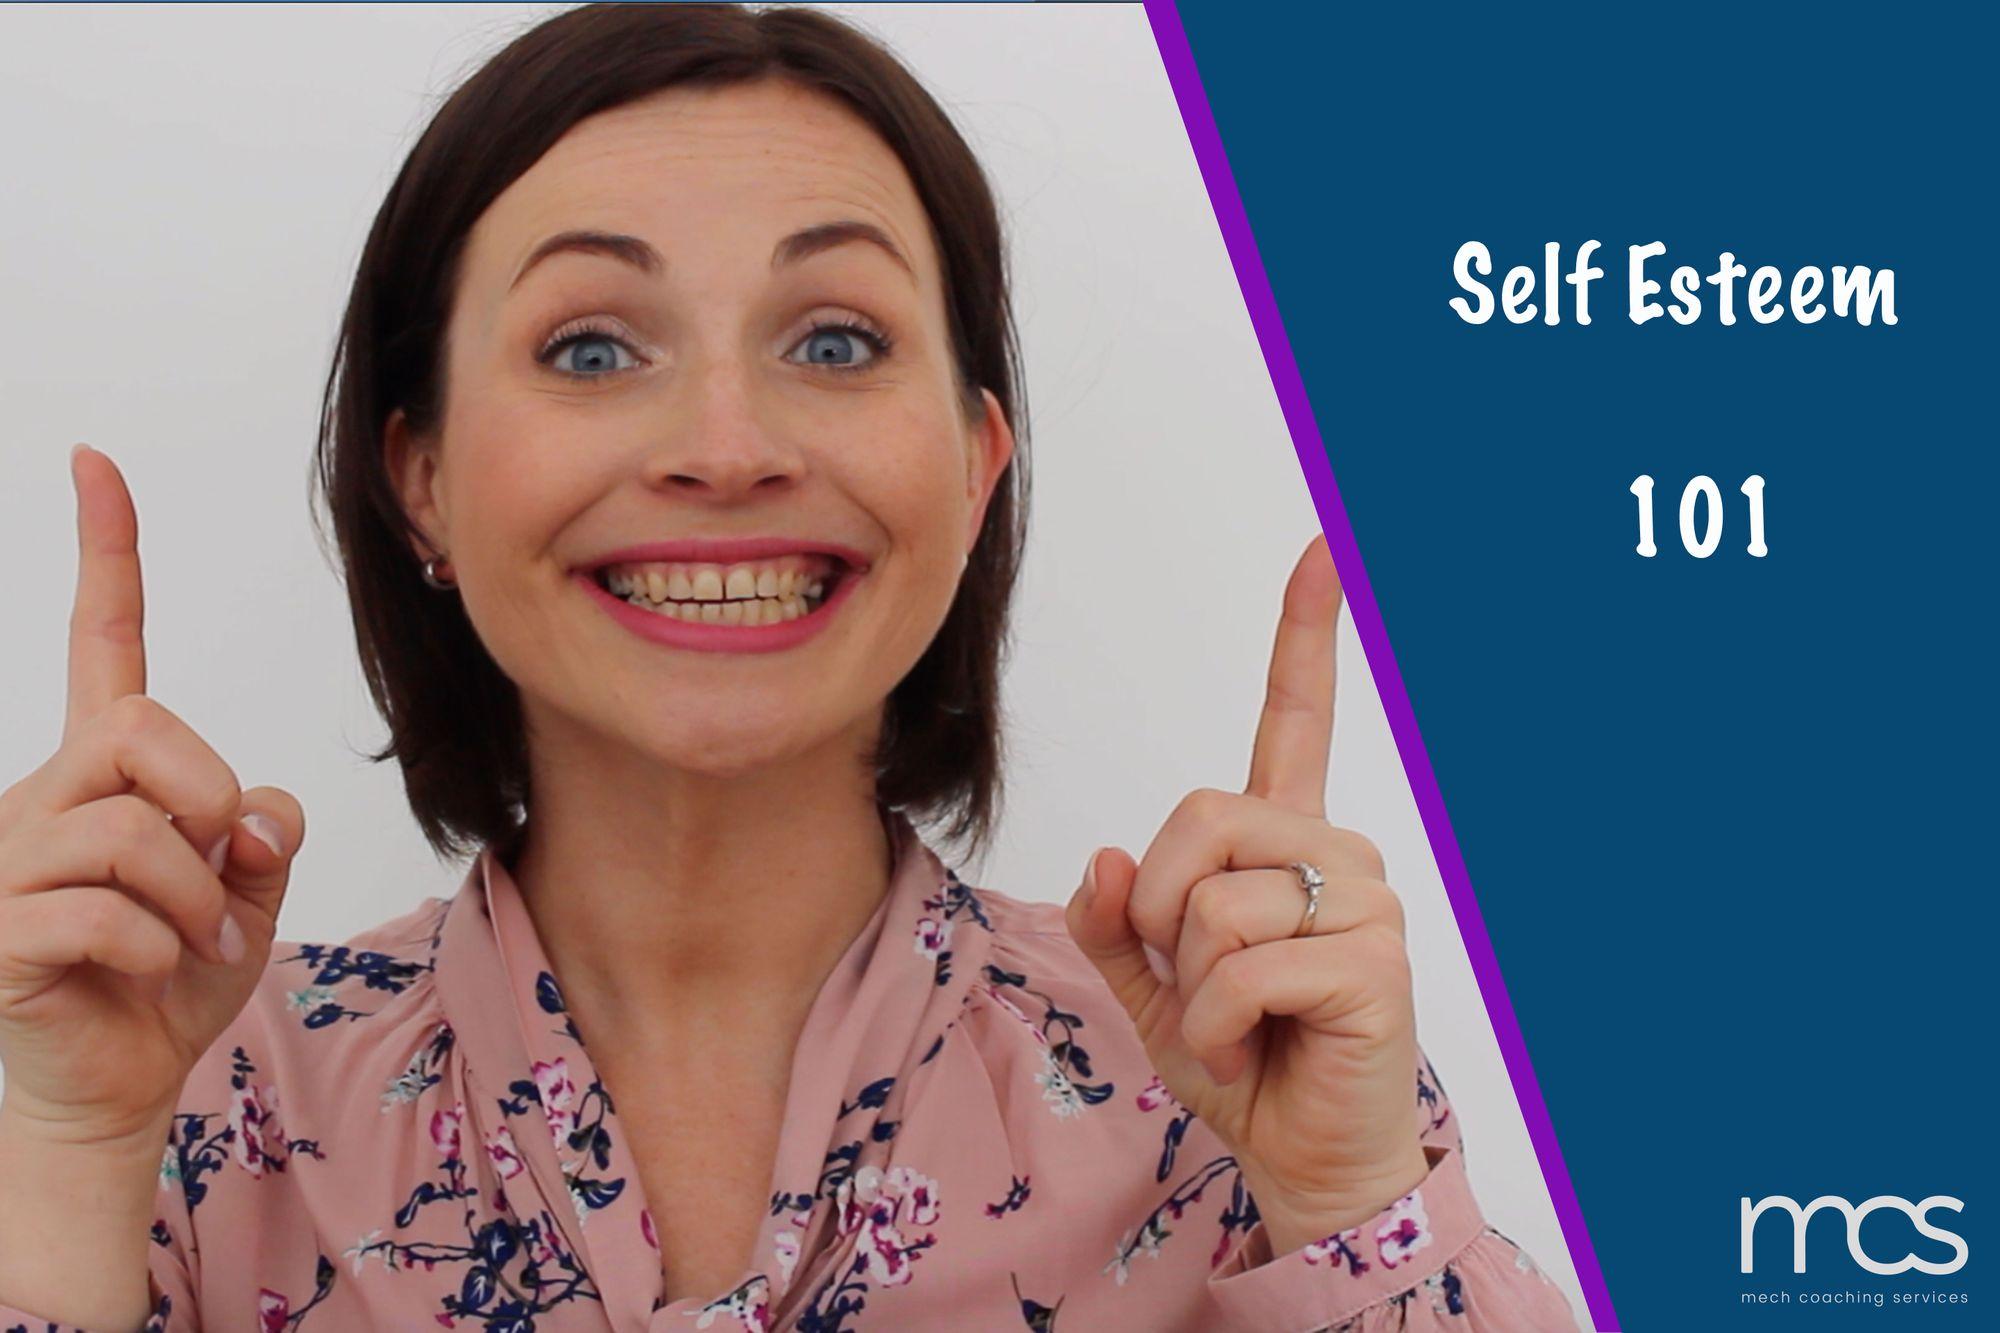 Self esteem 101